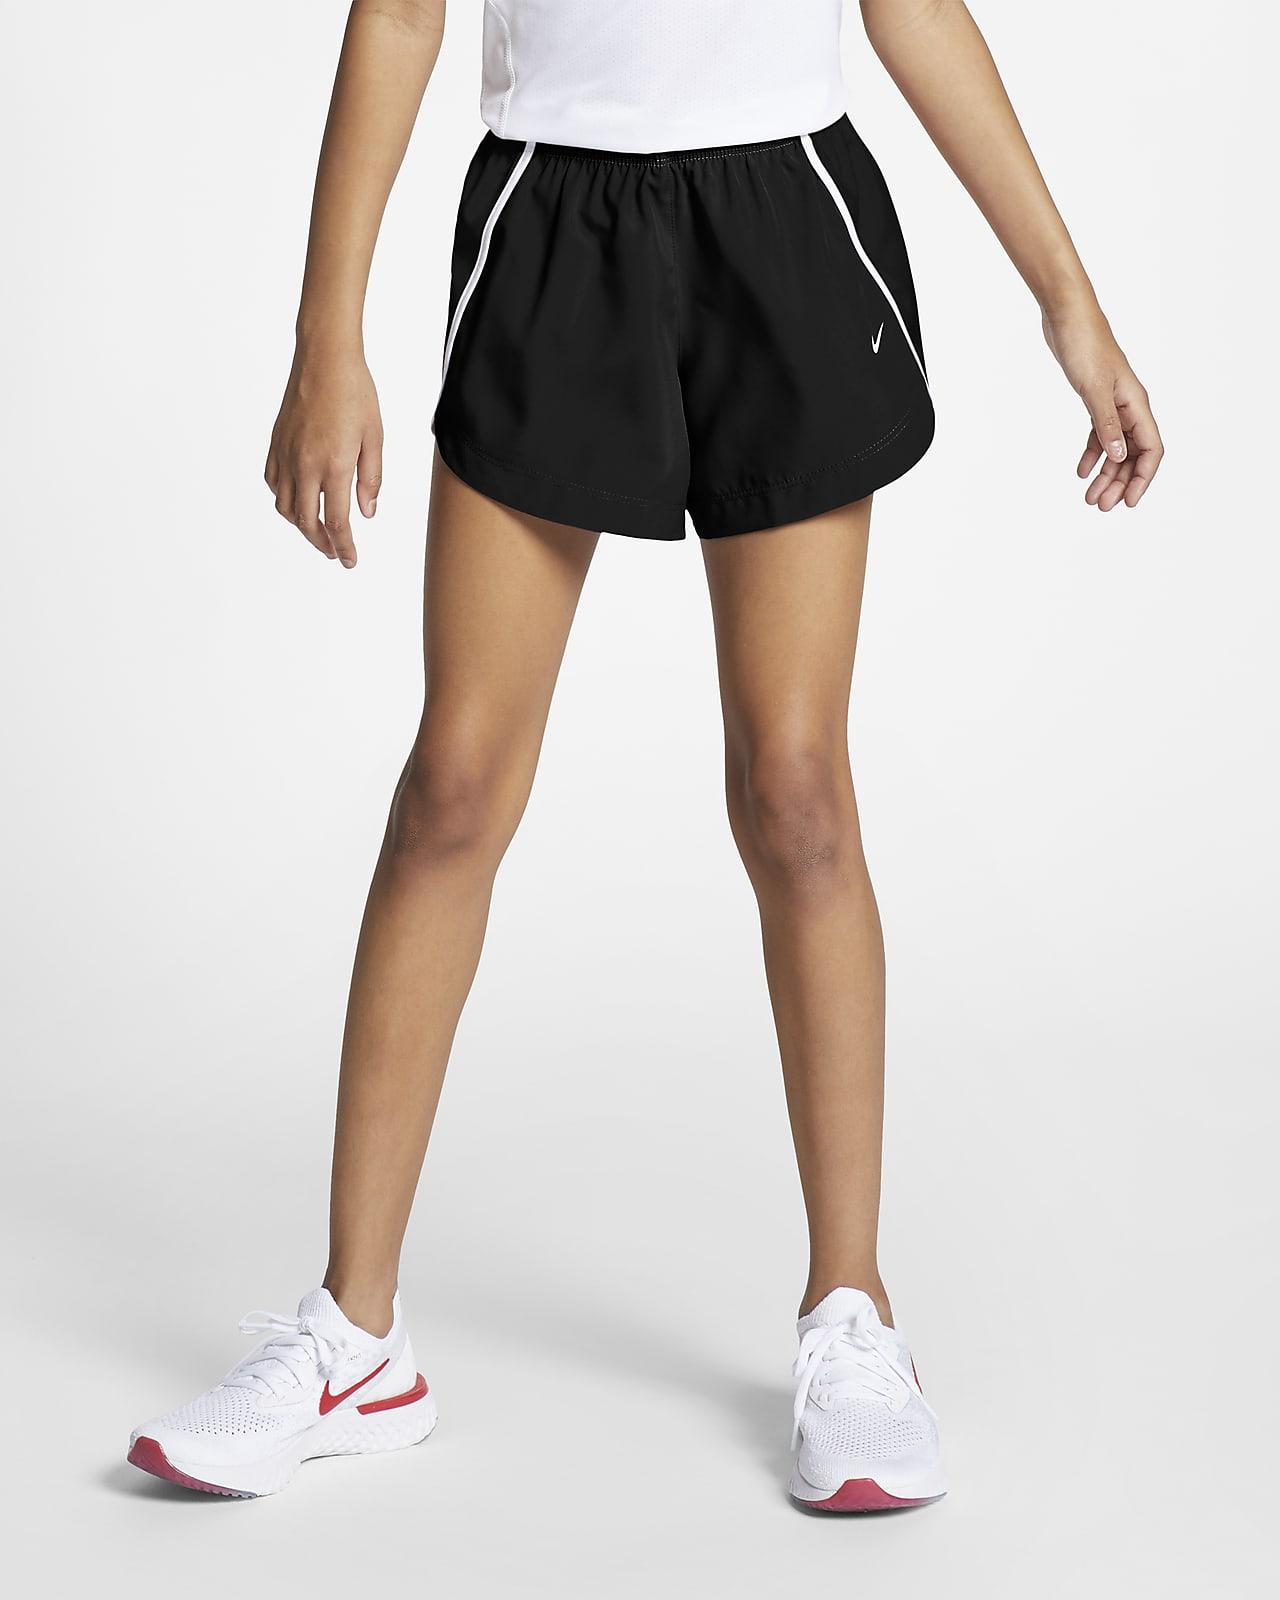 Nike Dry Genç Çocuk (Kız) Koşu Şortu